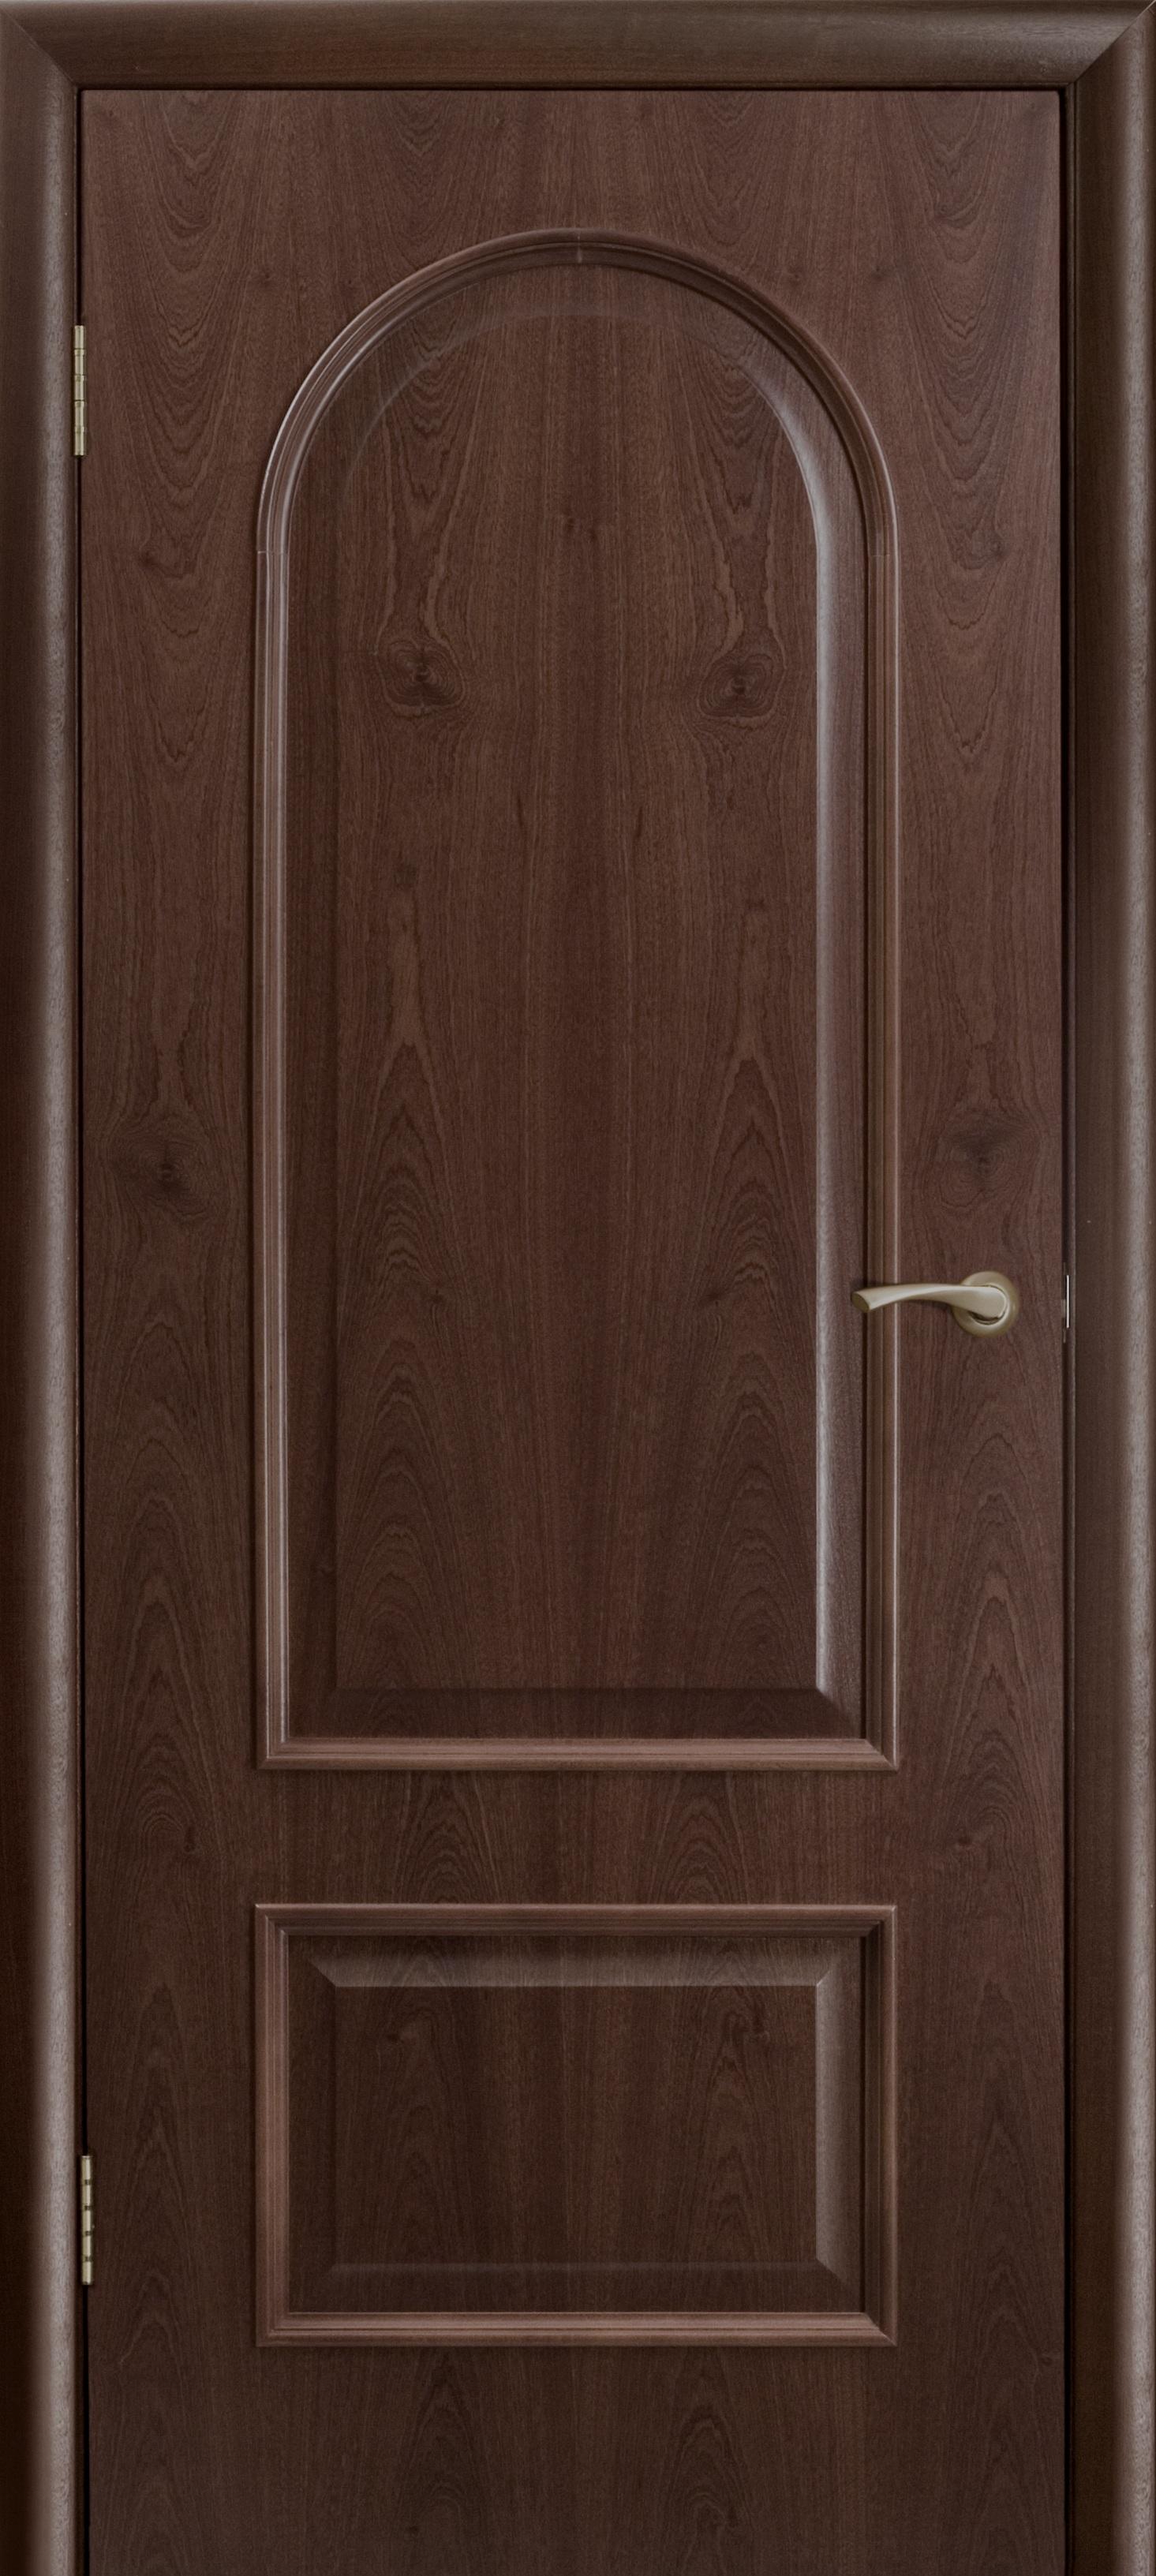 Wood door PNG